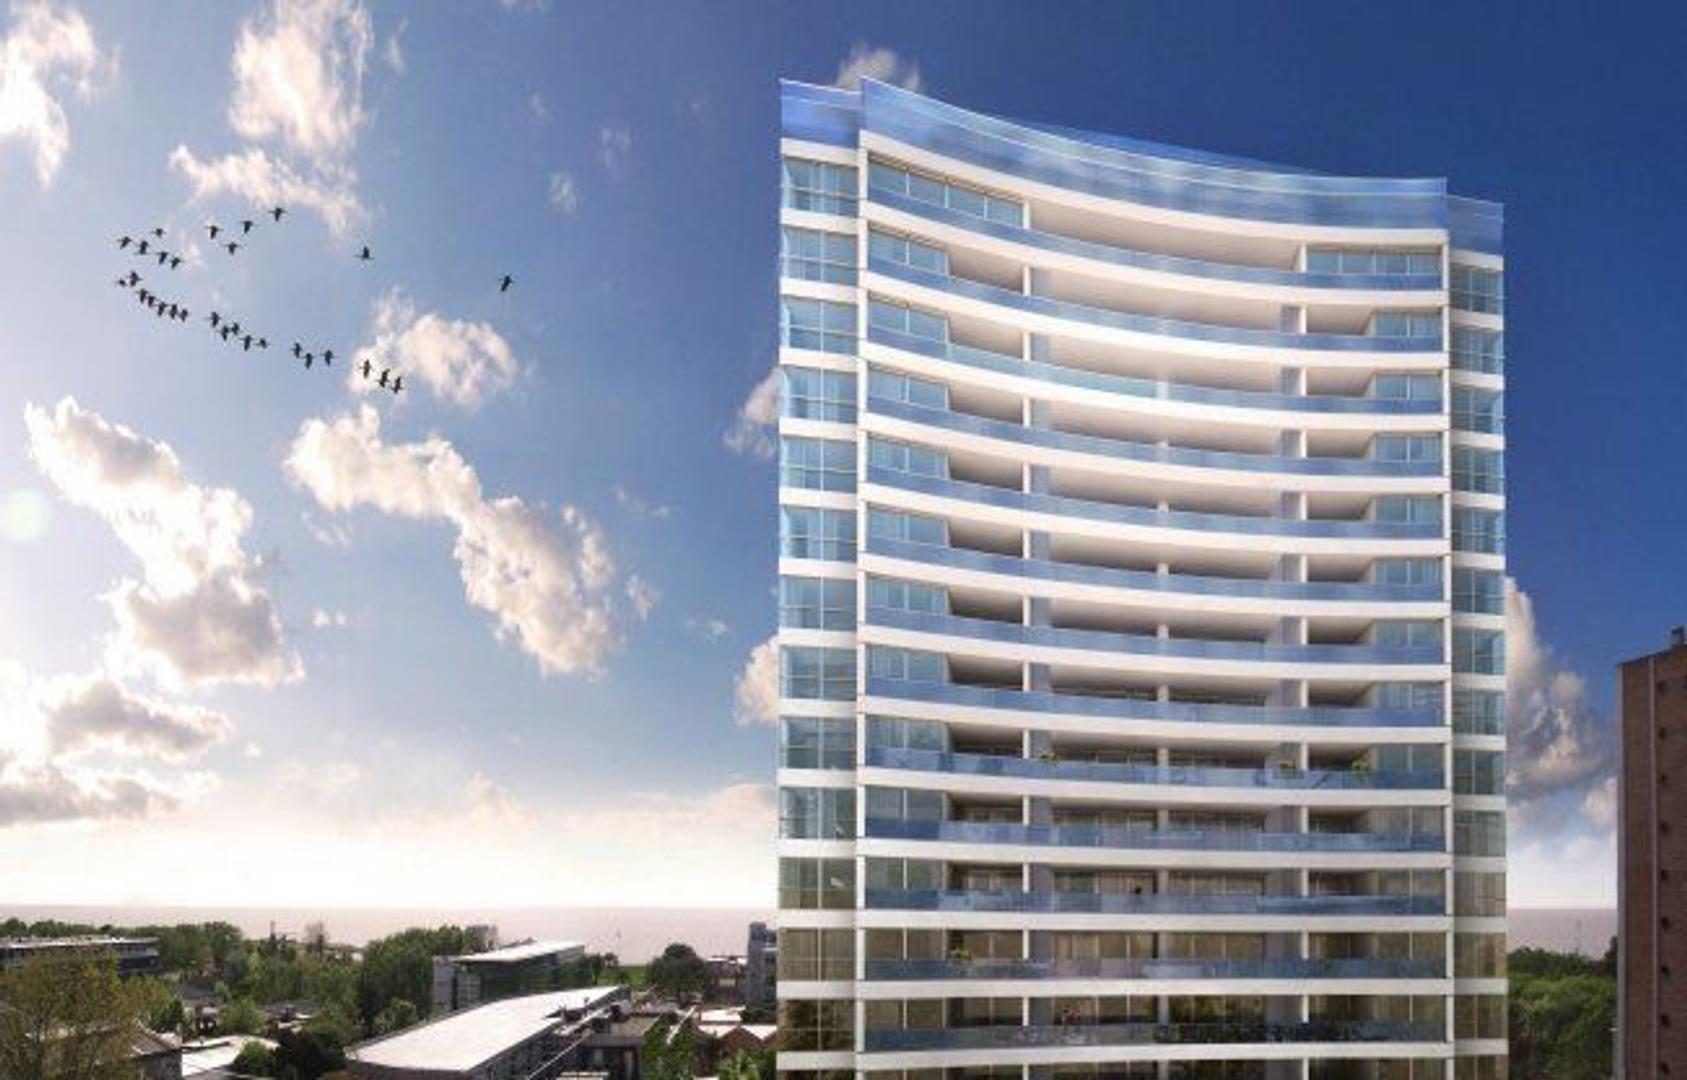 Excelente departamento 4 amb  con vista directa al rio, edificio con amenities